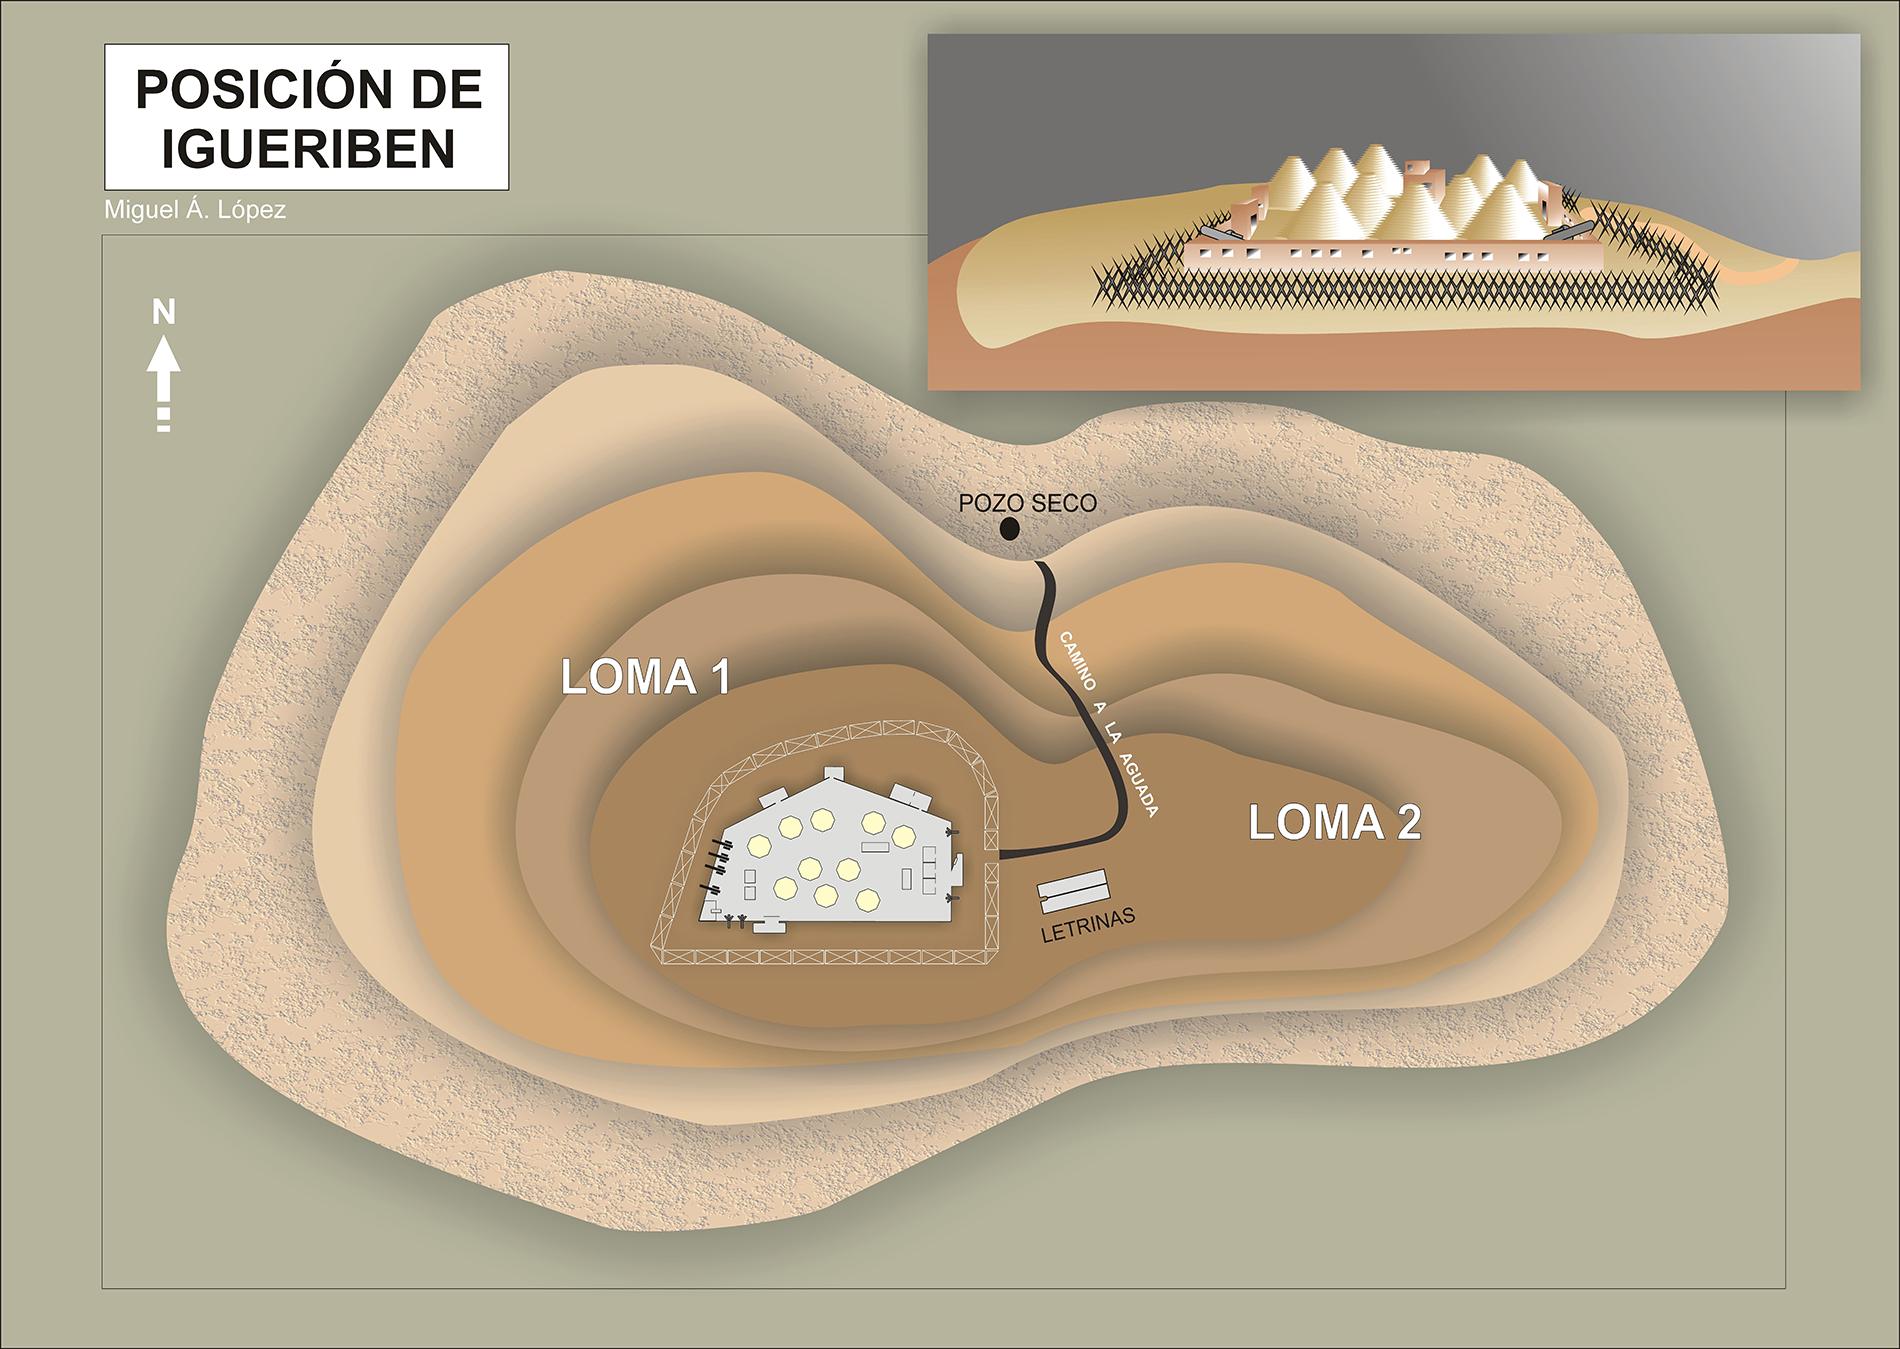 Mapa que muestra la Posición de Igueriben